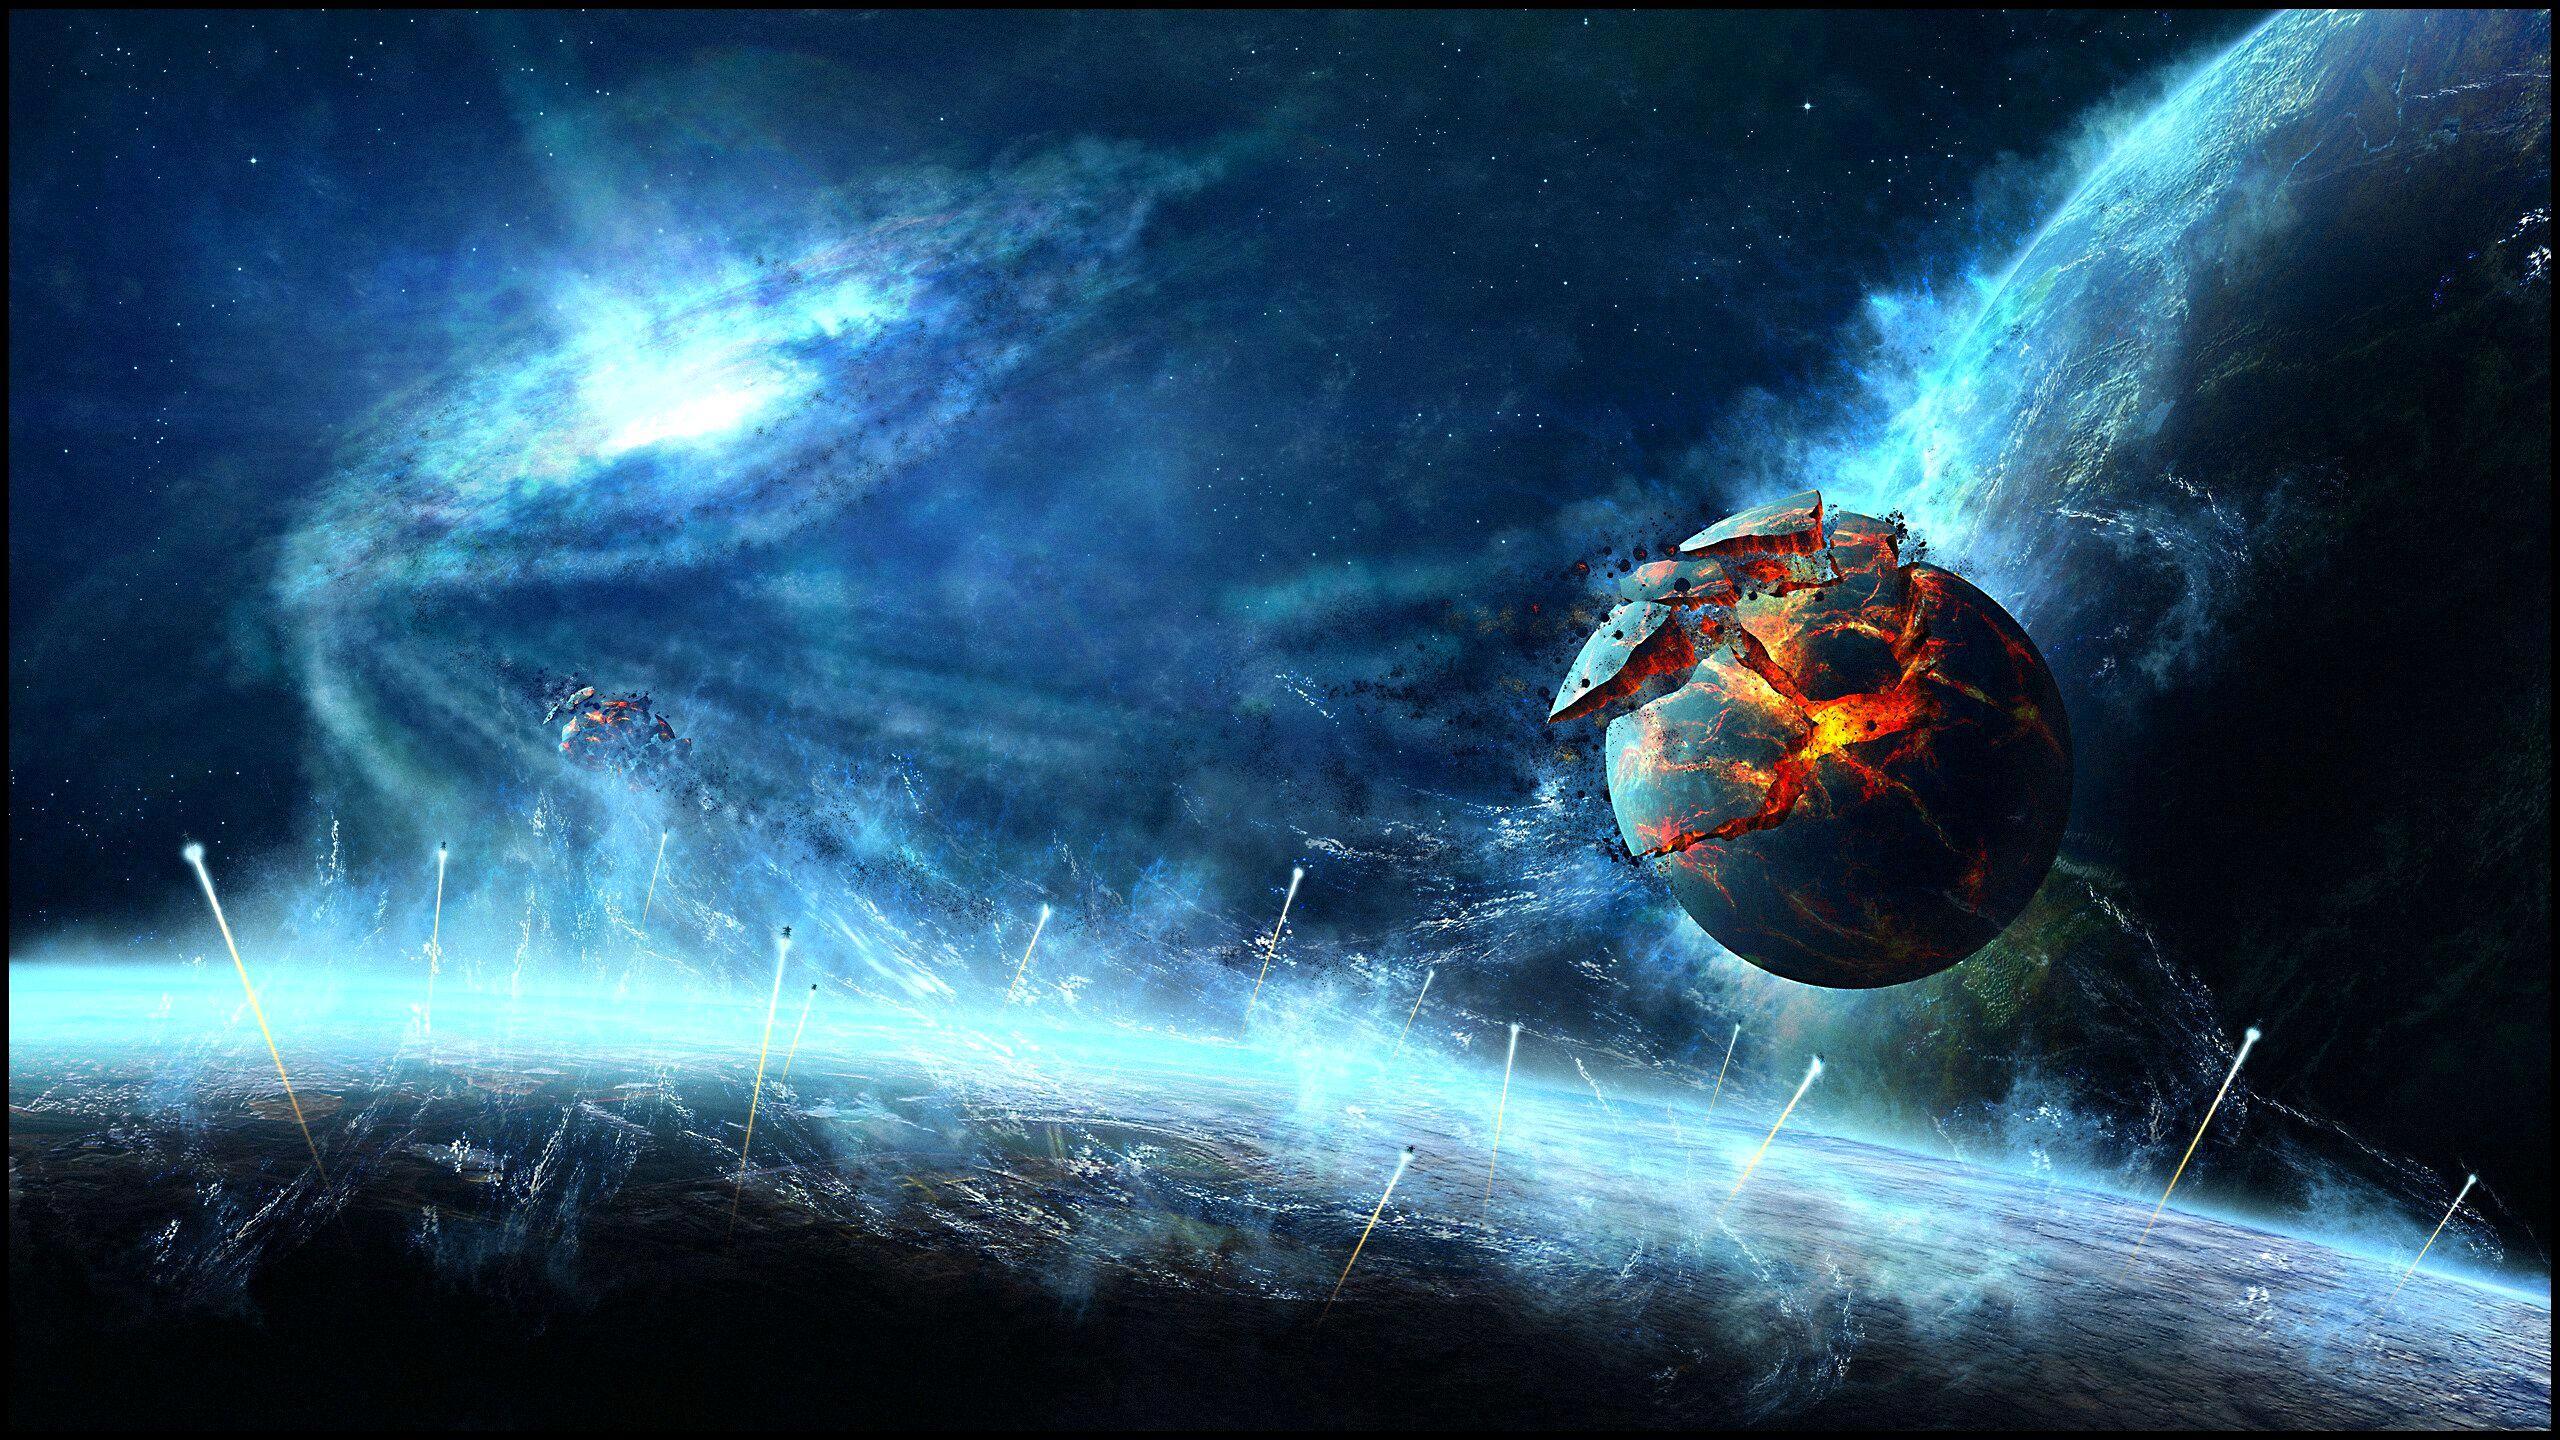 Обои Космос Корабль планета картинки на рабочий стол на тему Космос - скачать загрузить